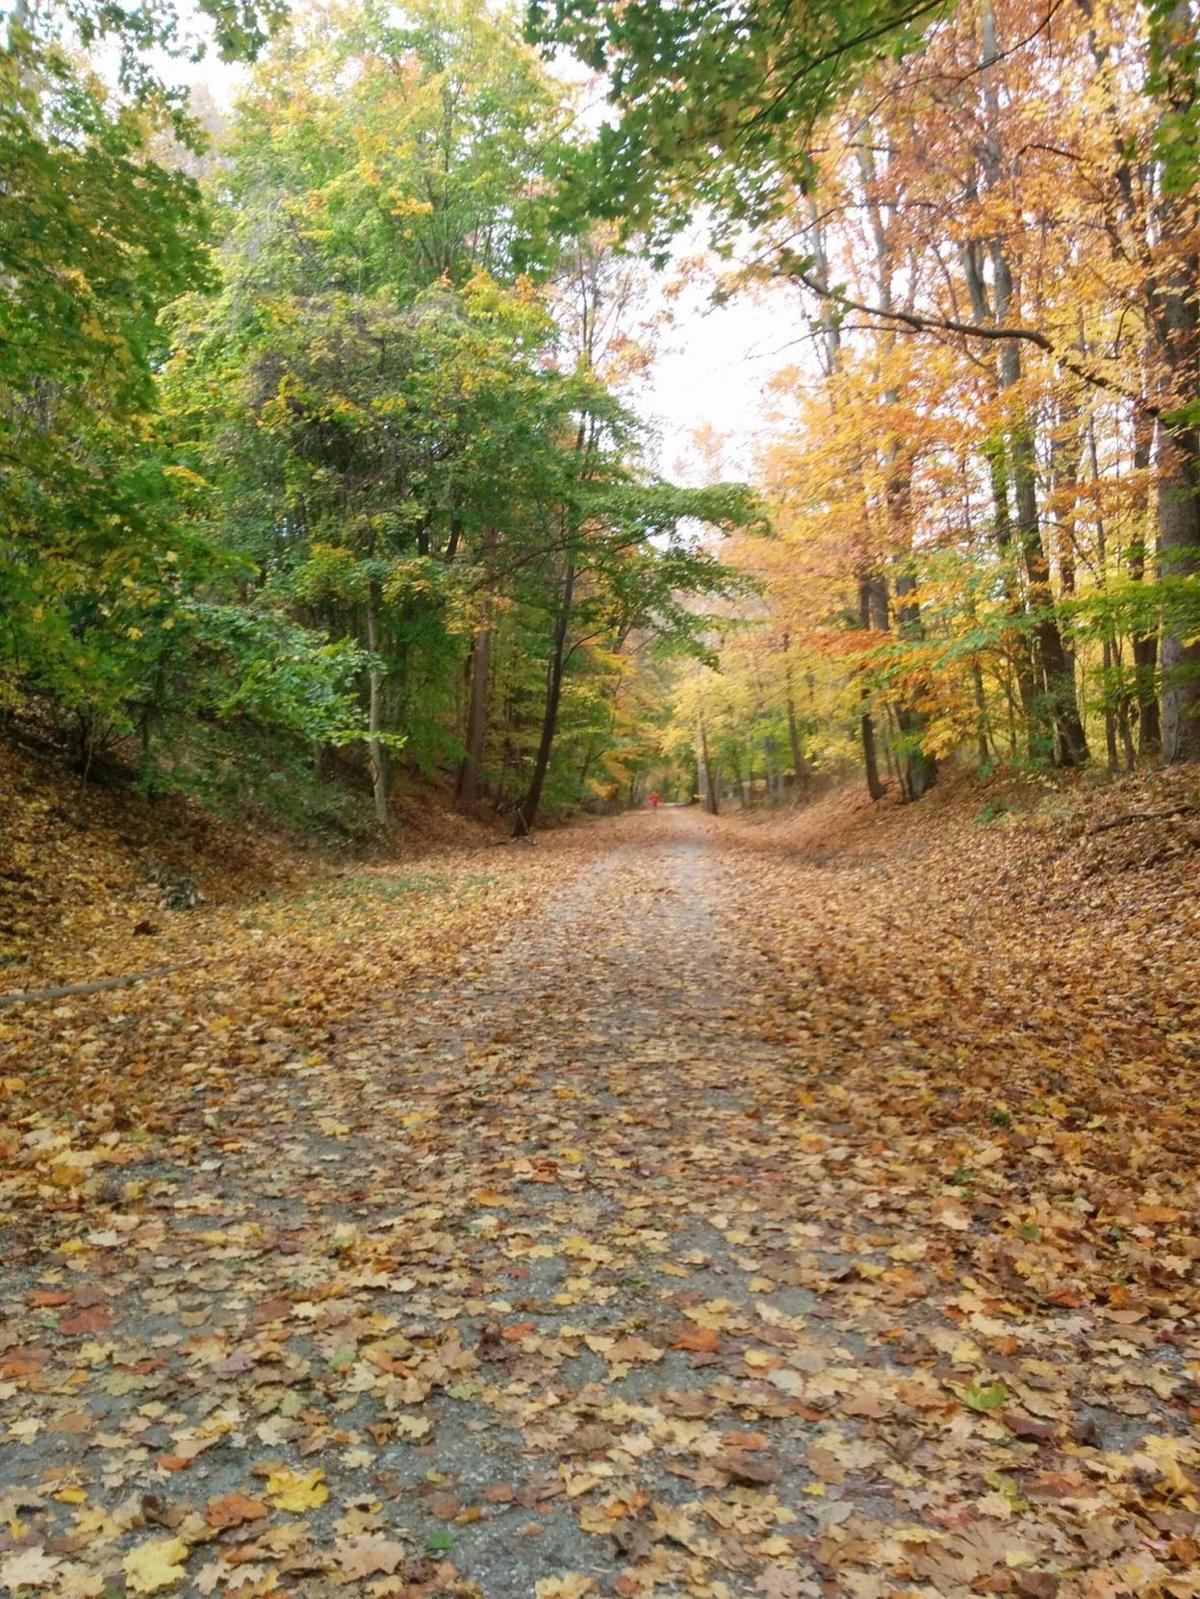 High Bridge Hike & Bike takes in Columbia Trail on Sunday, Nov. 11